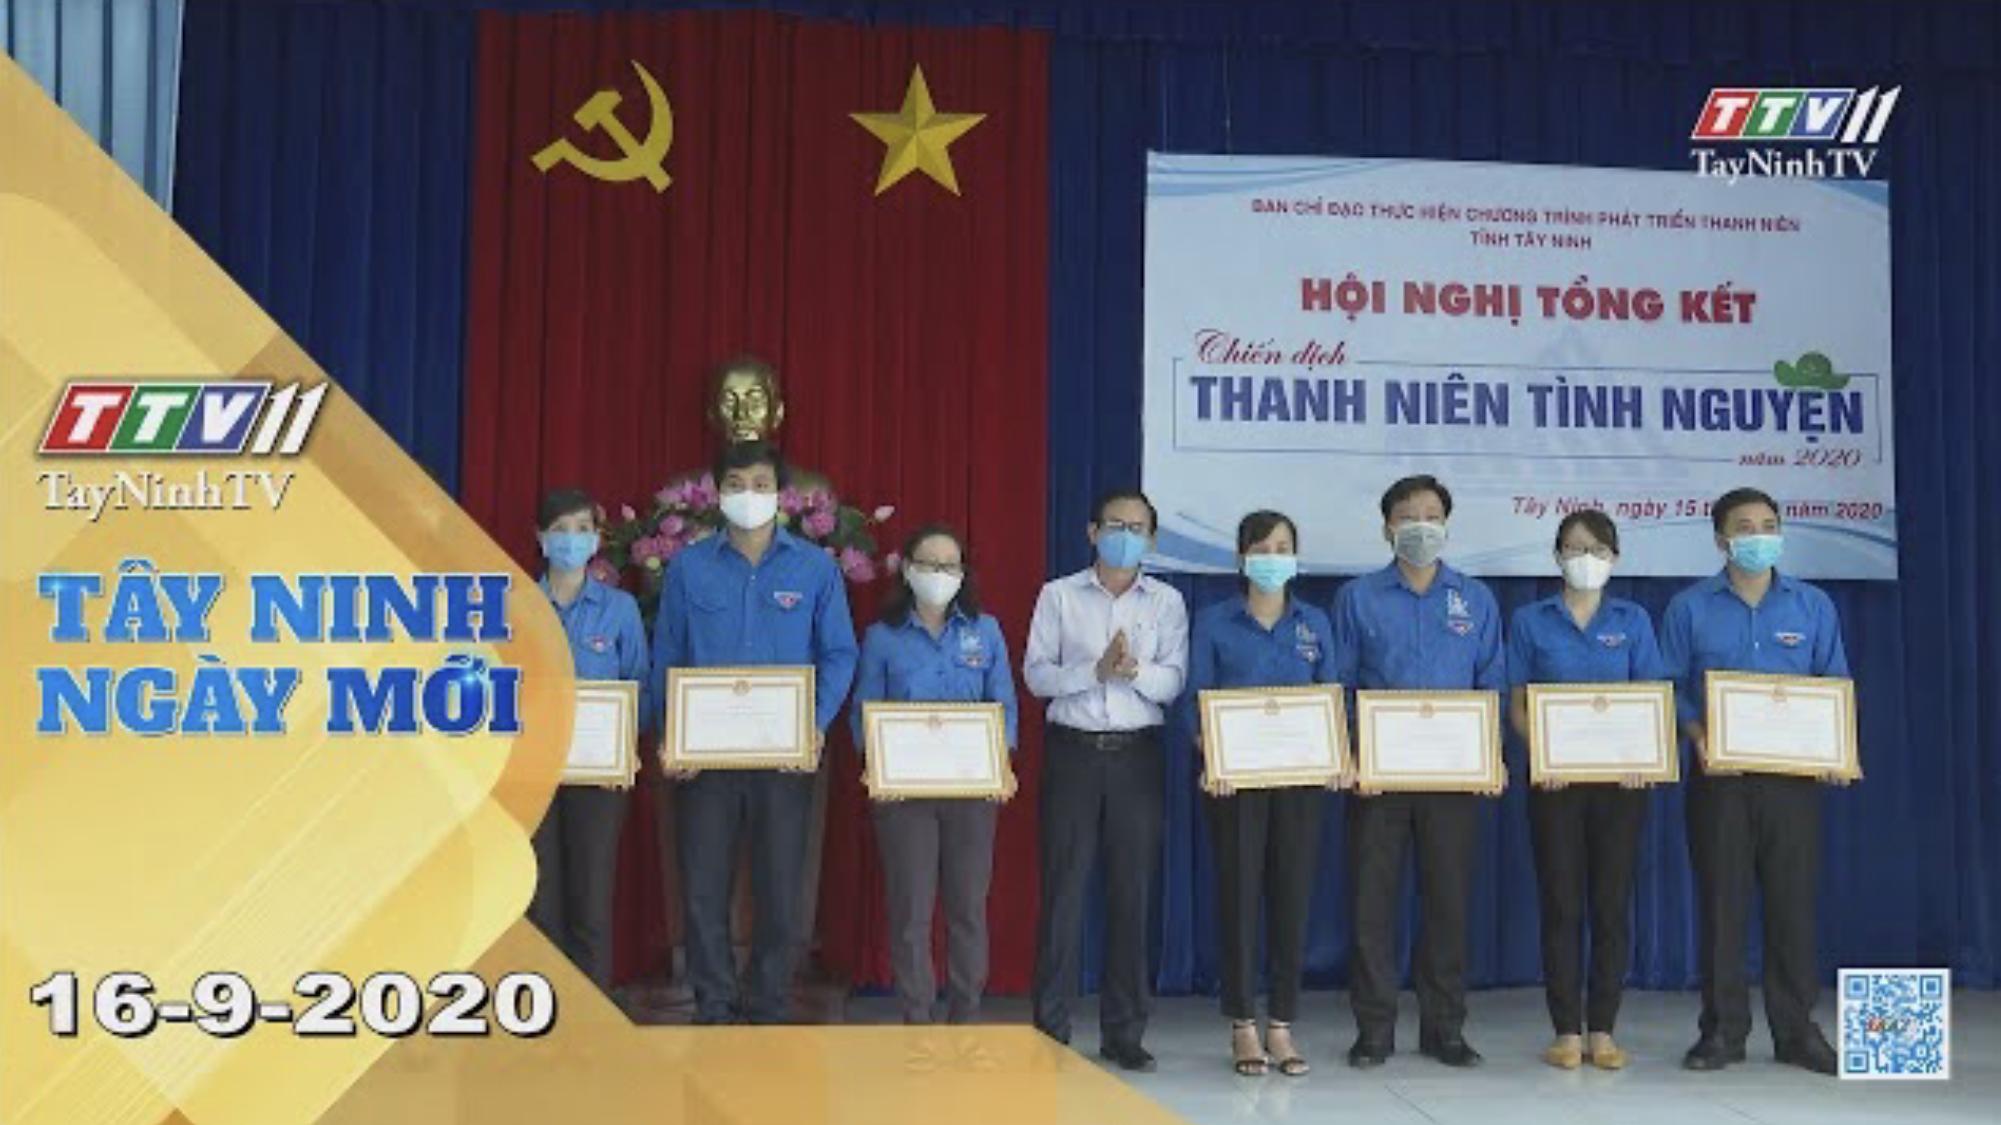 Tây Ninh Ngày Mới 16-9-2020 | Tin tức hôm nay | TayNinhTV